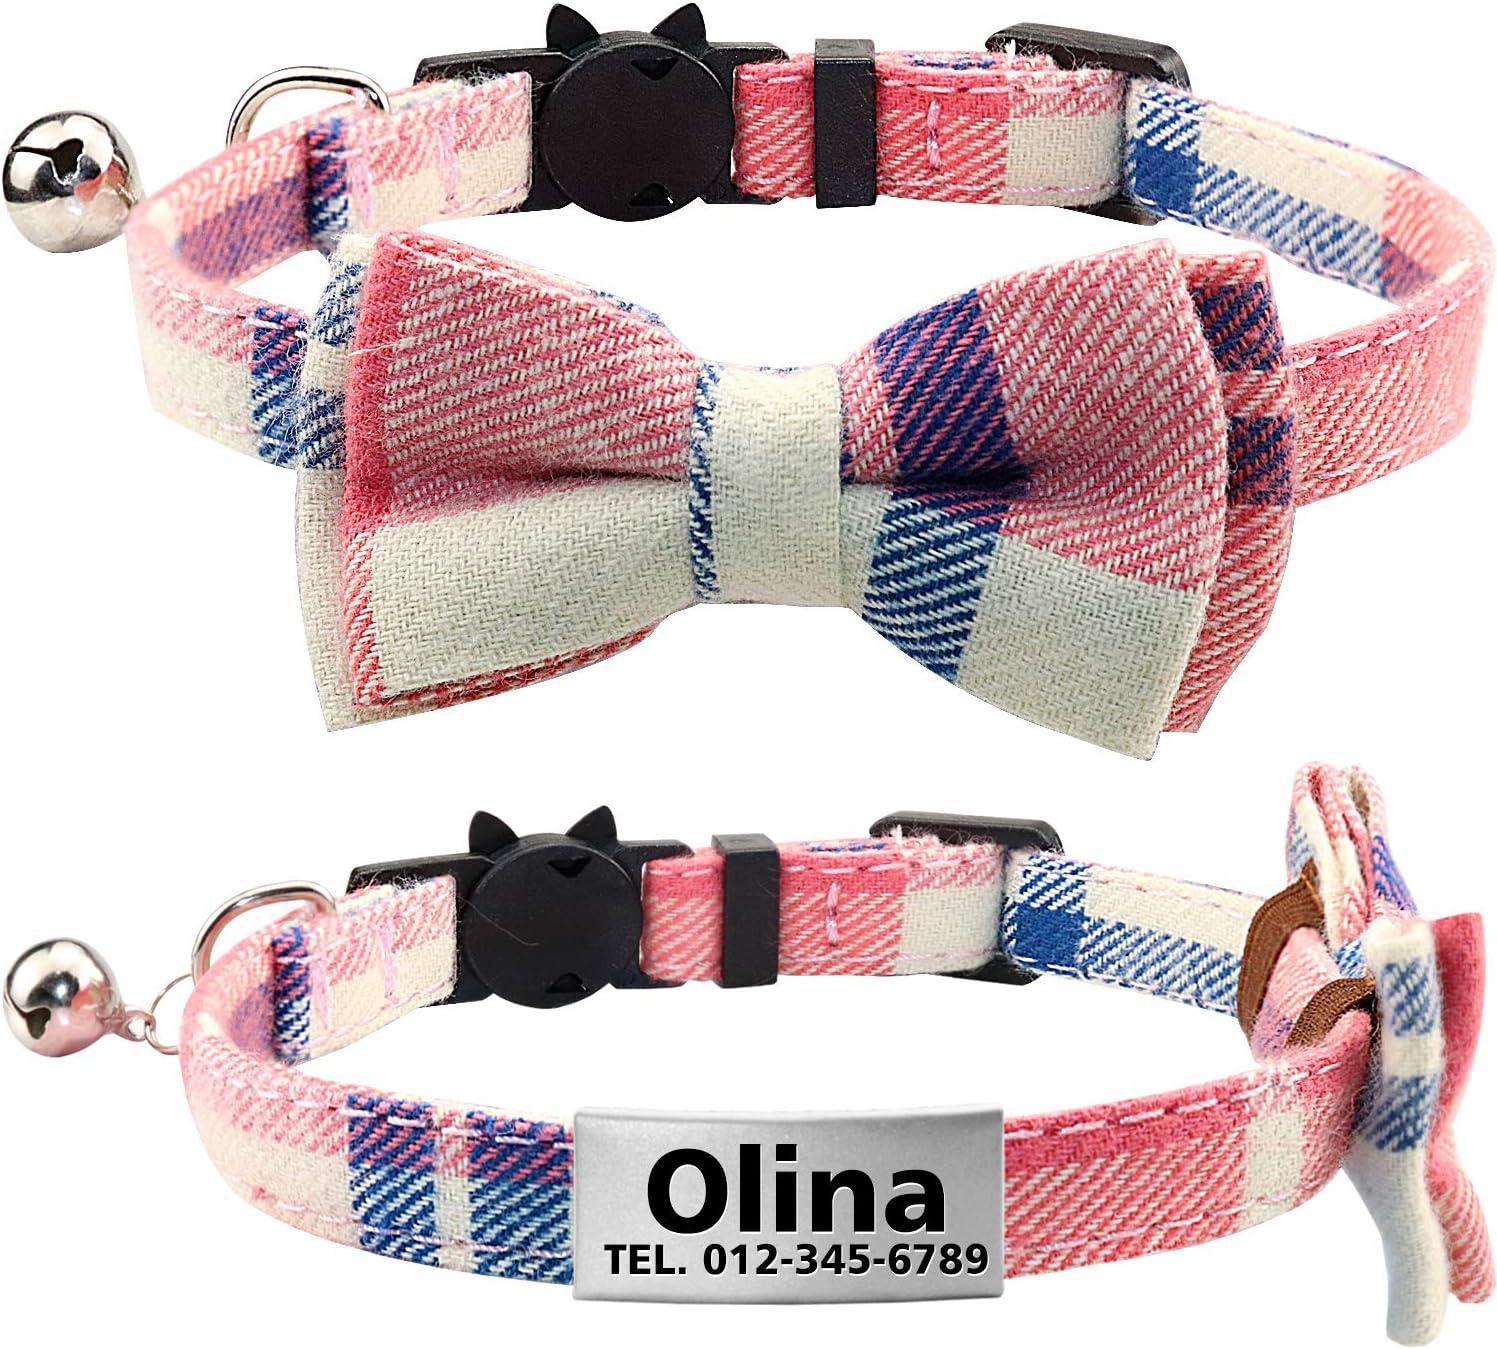 TagME Collar de Gato Personalizado con Pajarita & Campana, Placa de Identificación de Acero Inoxidable Grabada con Nombre & Número de Teléfono,Rosa